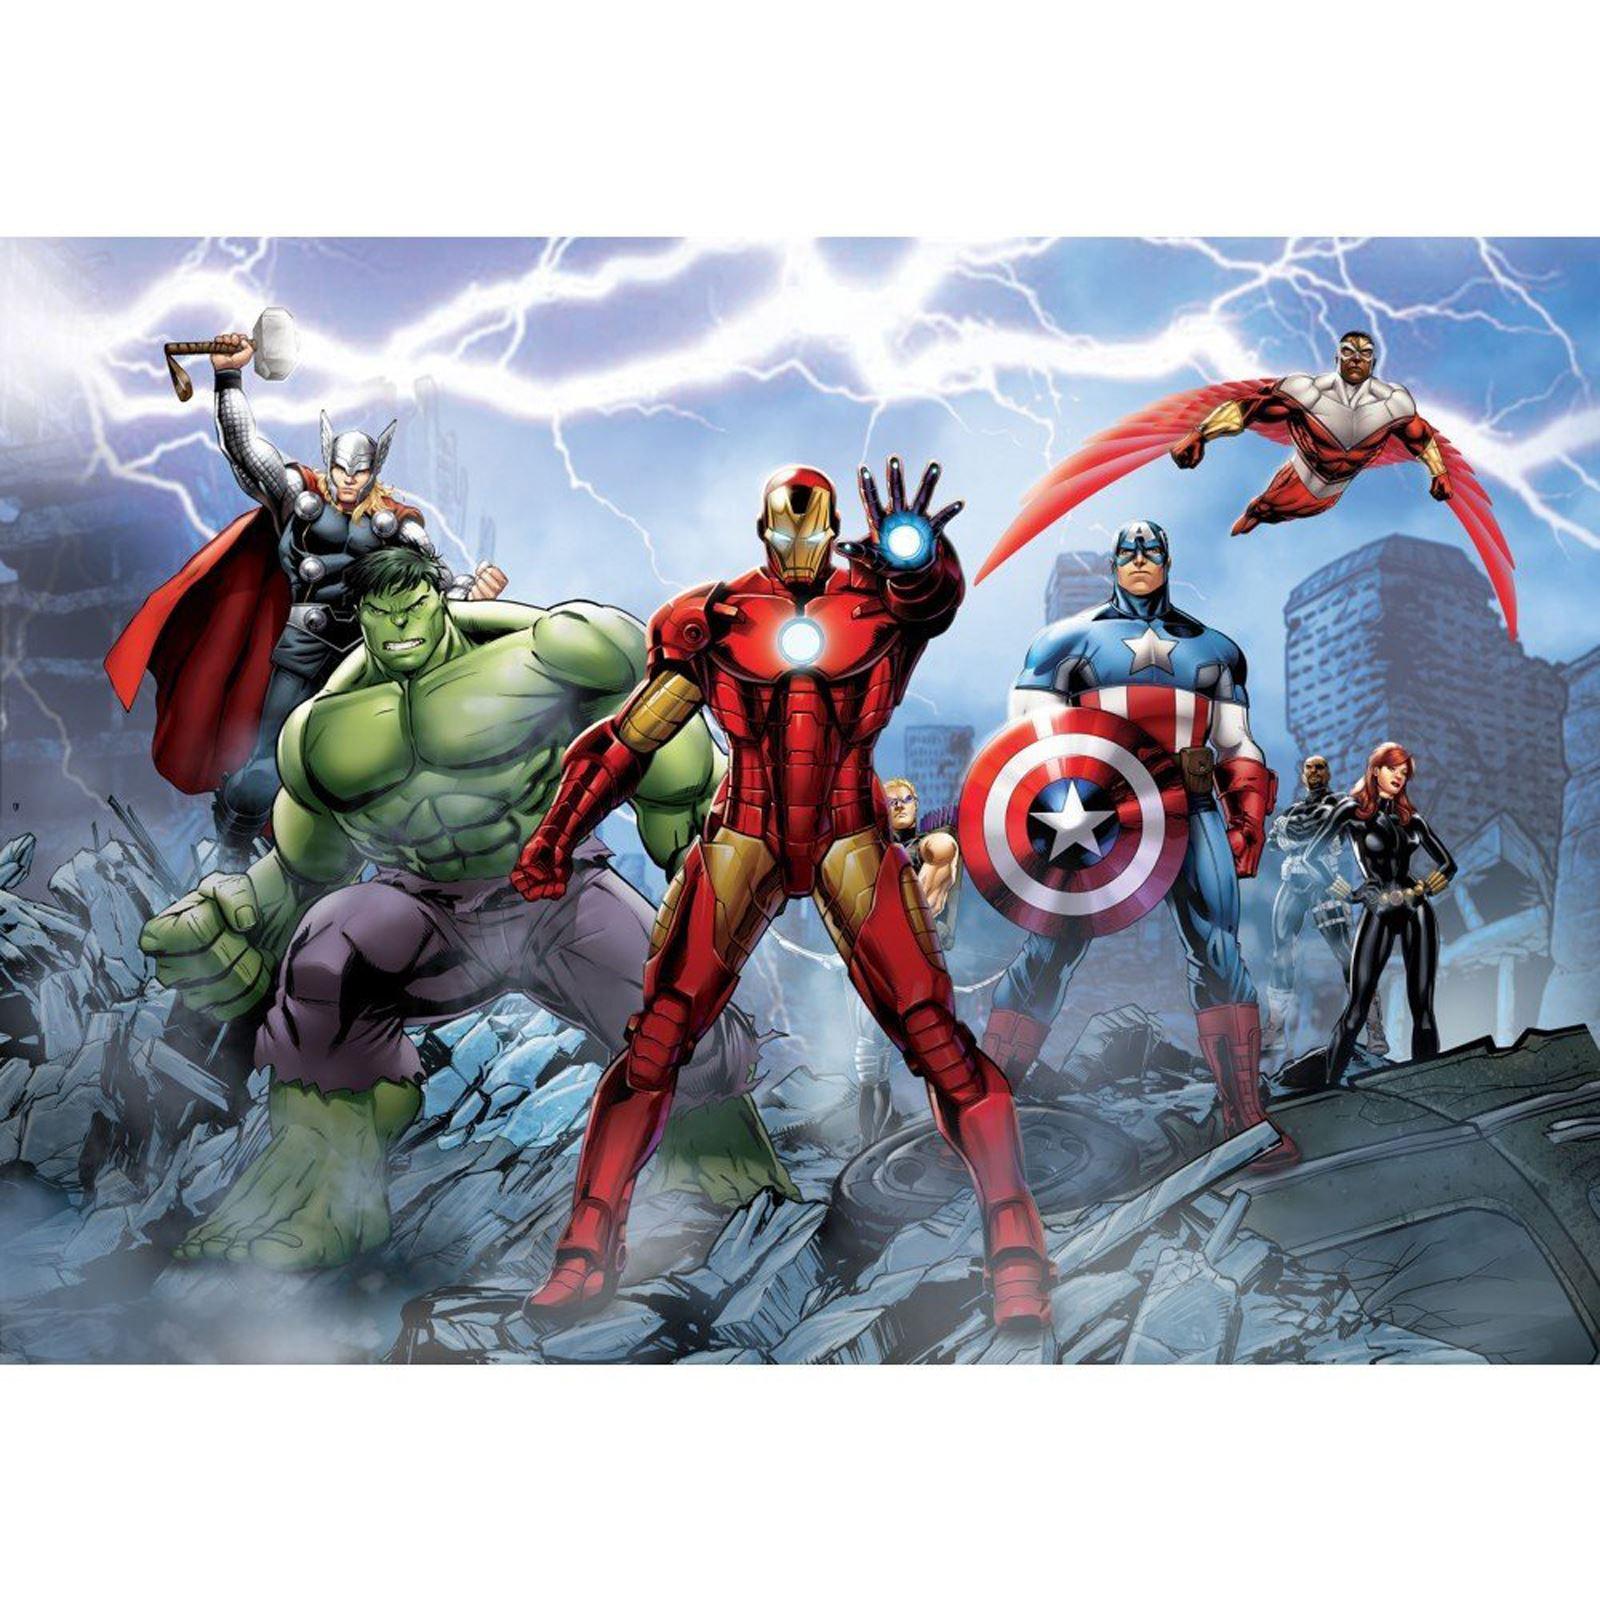 Marvel Comics And Avengers Wallpaper Wall Murals D Cor